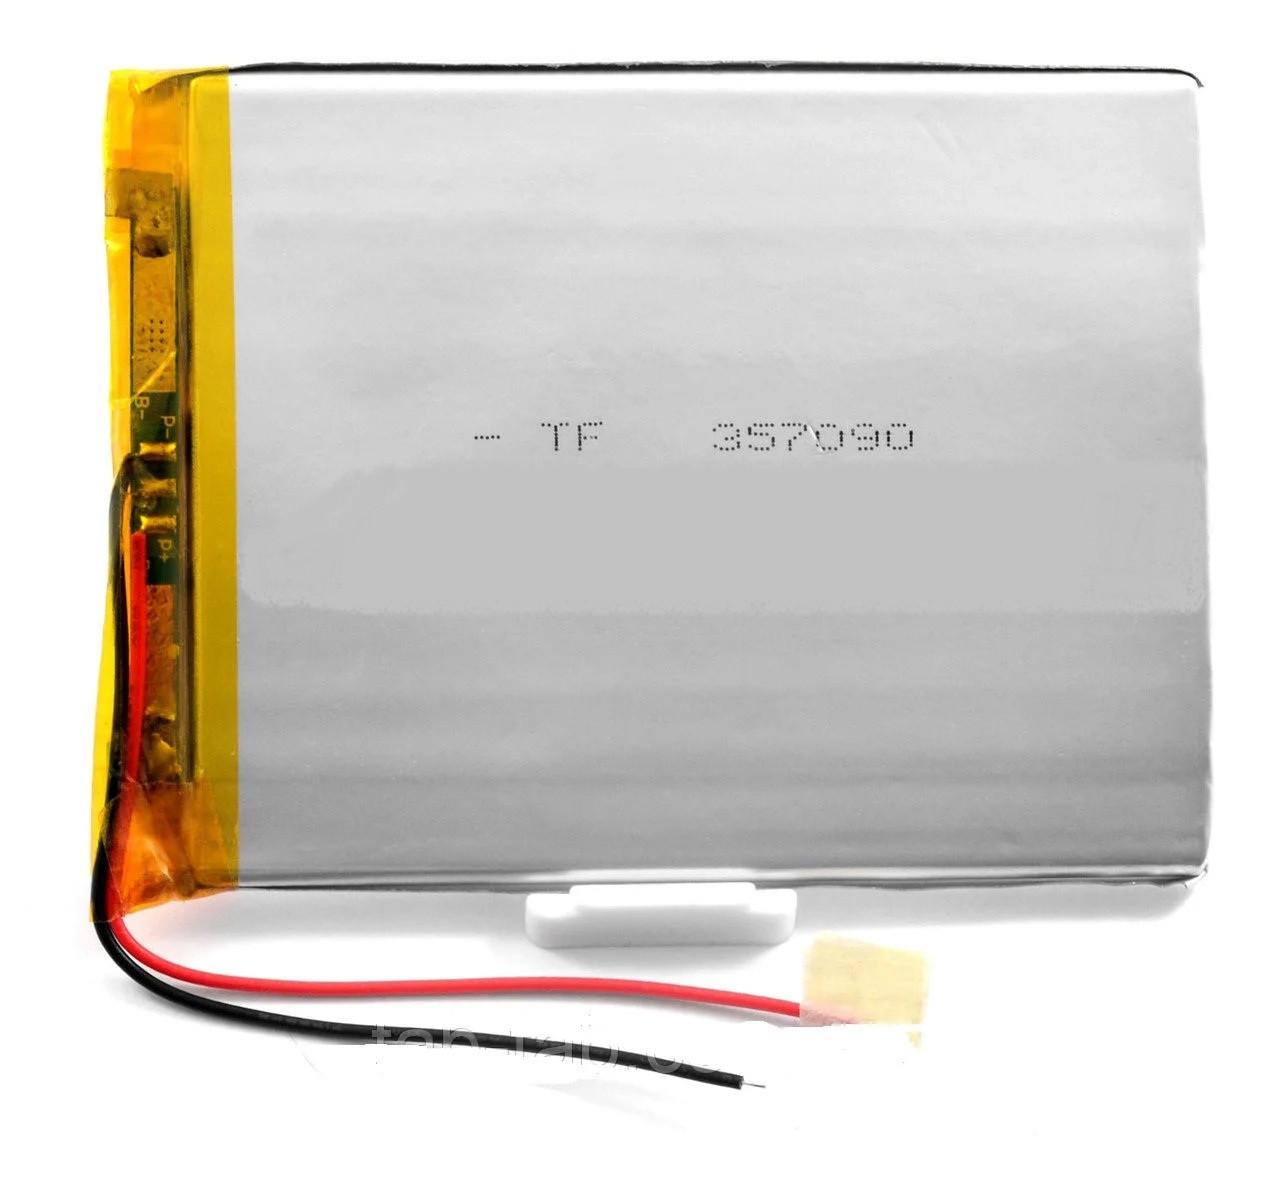 Оригінальний Універсальний Внутрішній Акумулятор АКБ 2969100P 100х70х3 2 pin (Li-ion 3.7v 3300mAh)